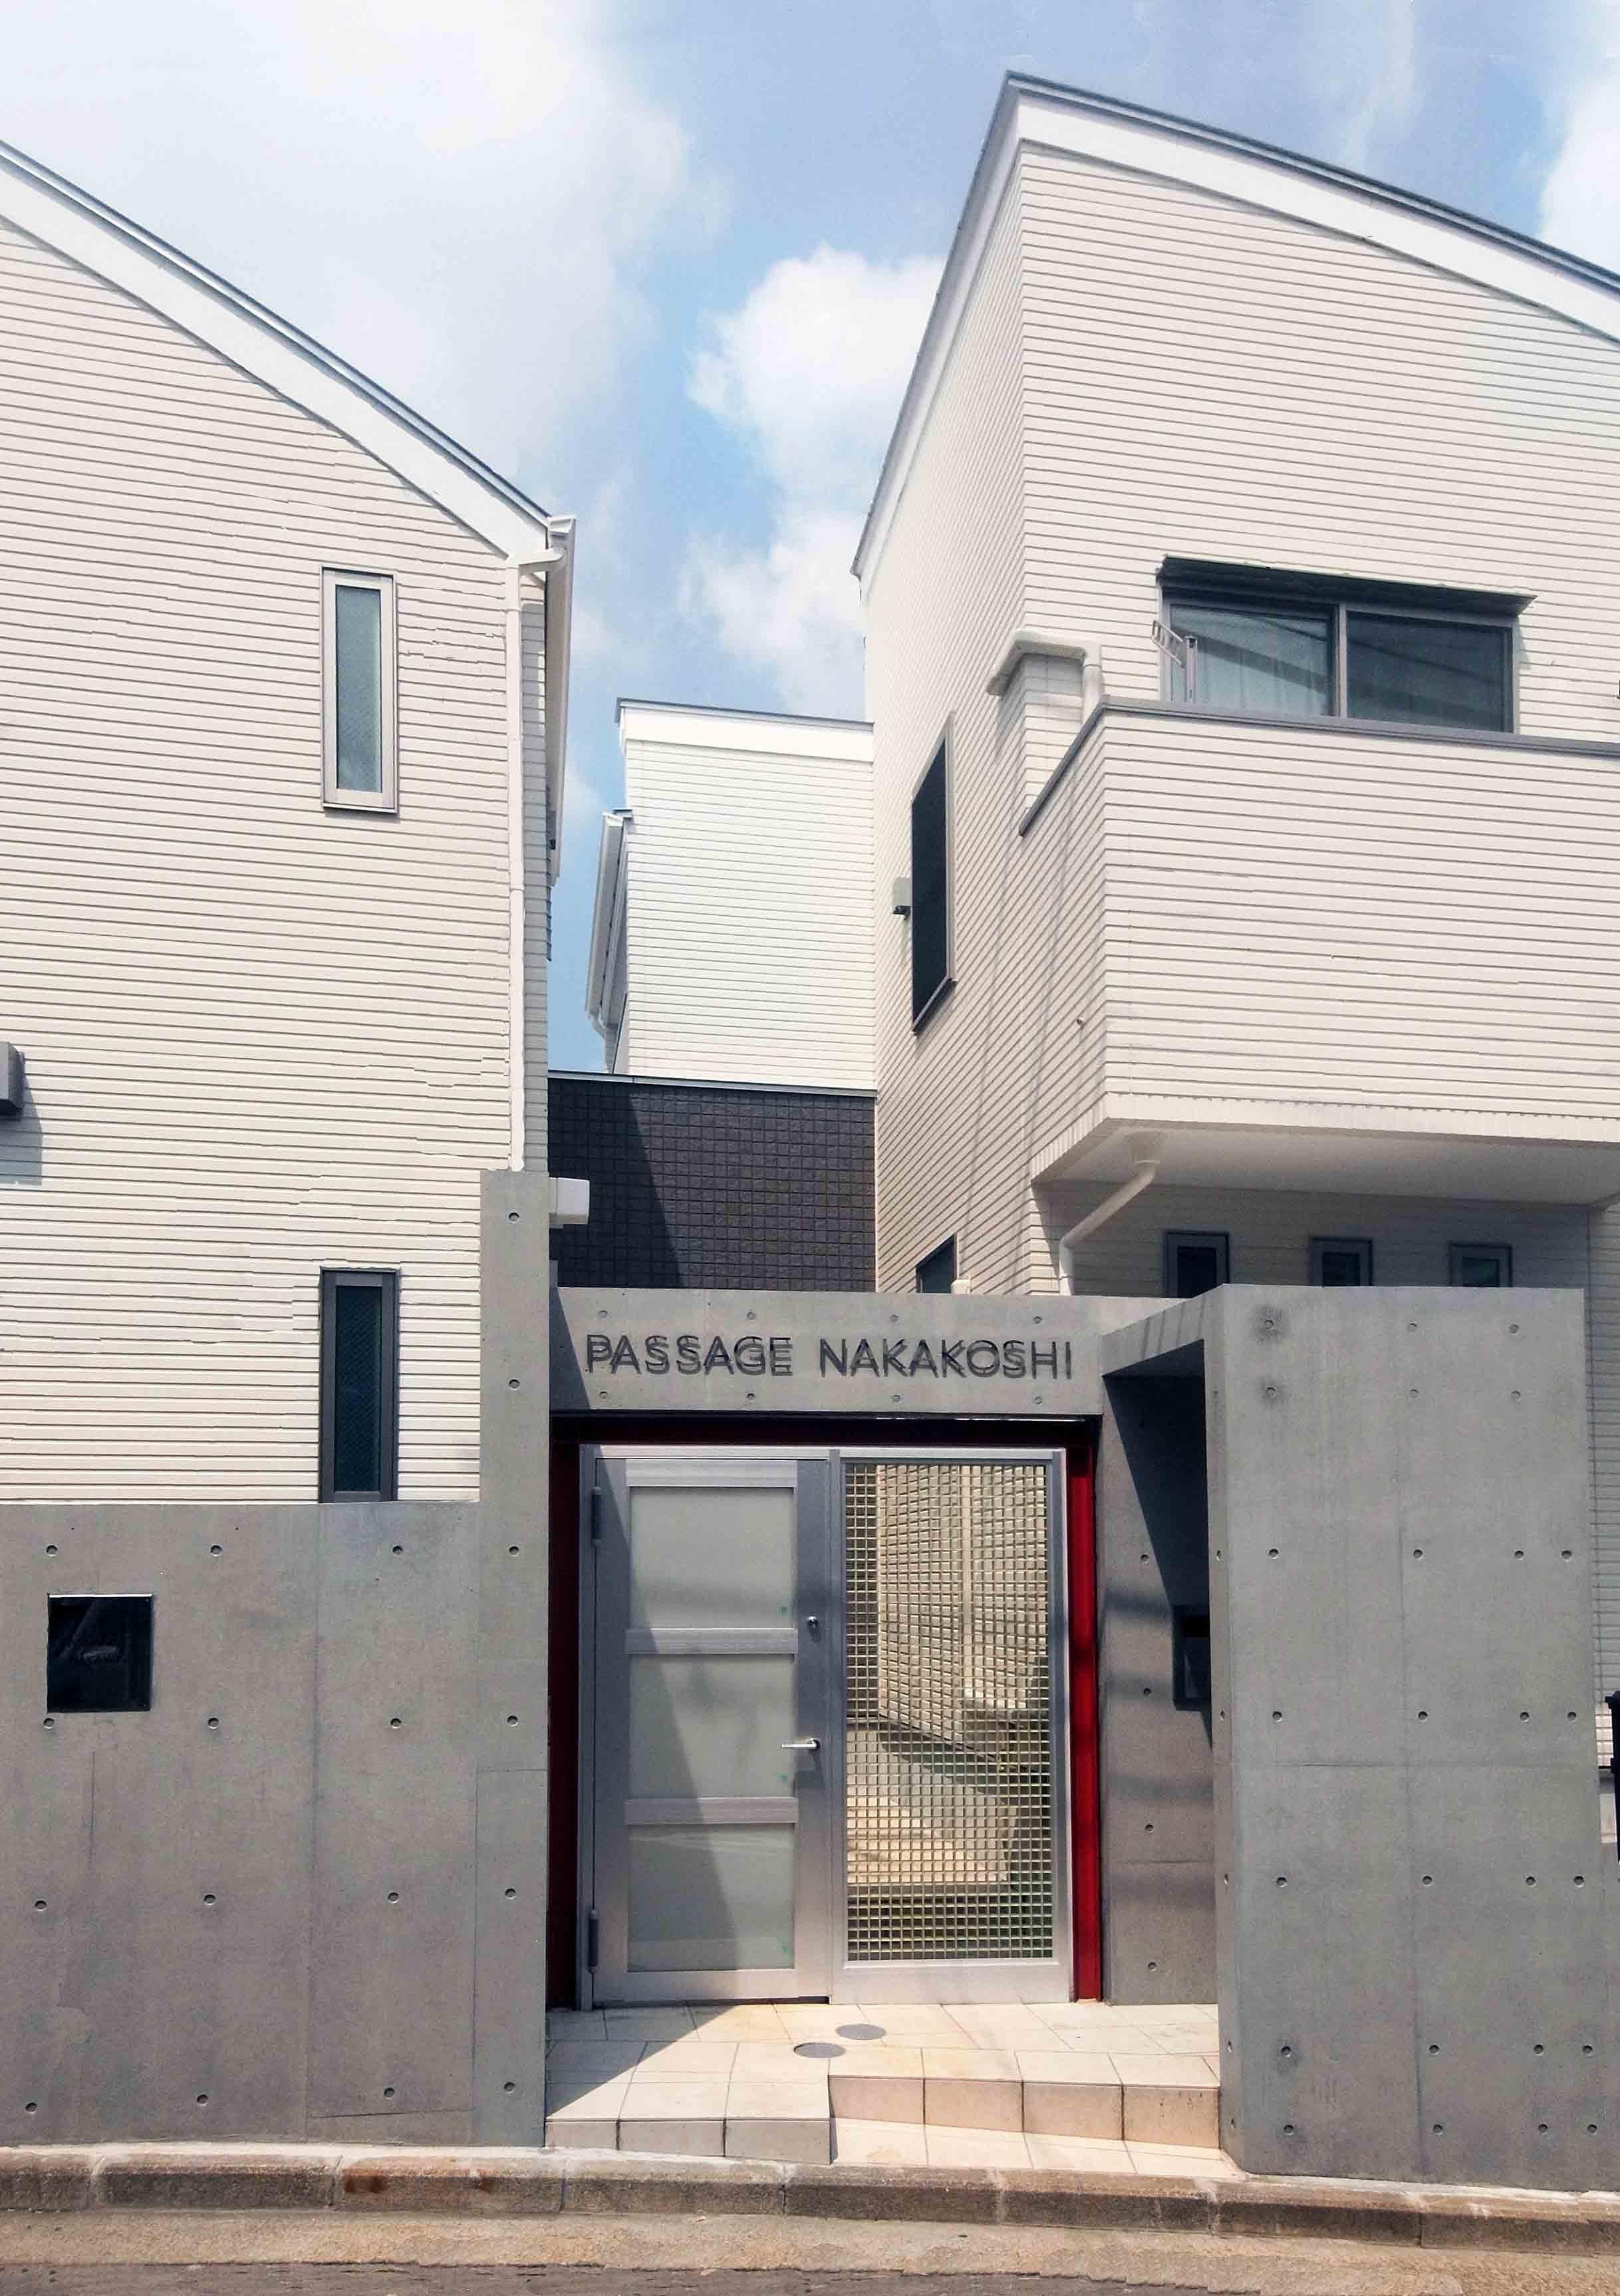 アウトドア事例:デザイナーアパートのオートロック付きエントランス(老朽化したアパート建替え。デザイナーズで土地有効活用)